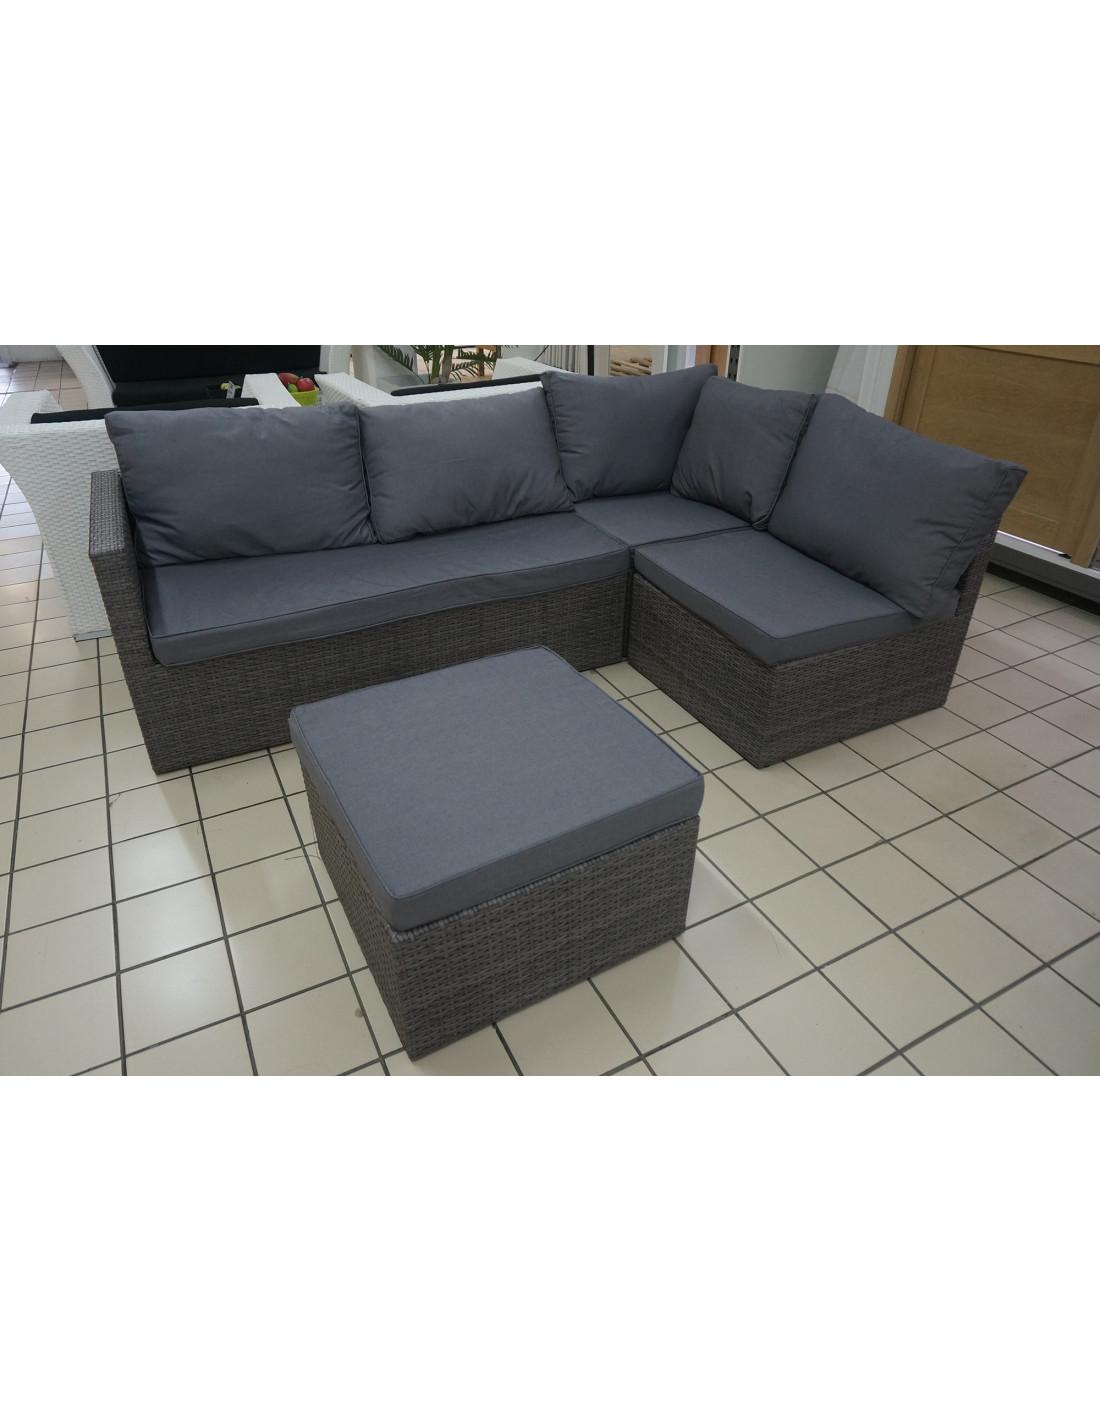 ensemble salon de jardin 1 canap d 39 angle 1 pouf 4 pcs hyper brico. Black Bedroom Furniture Sets. Home Design Ideas